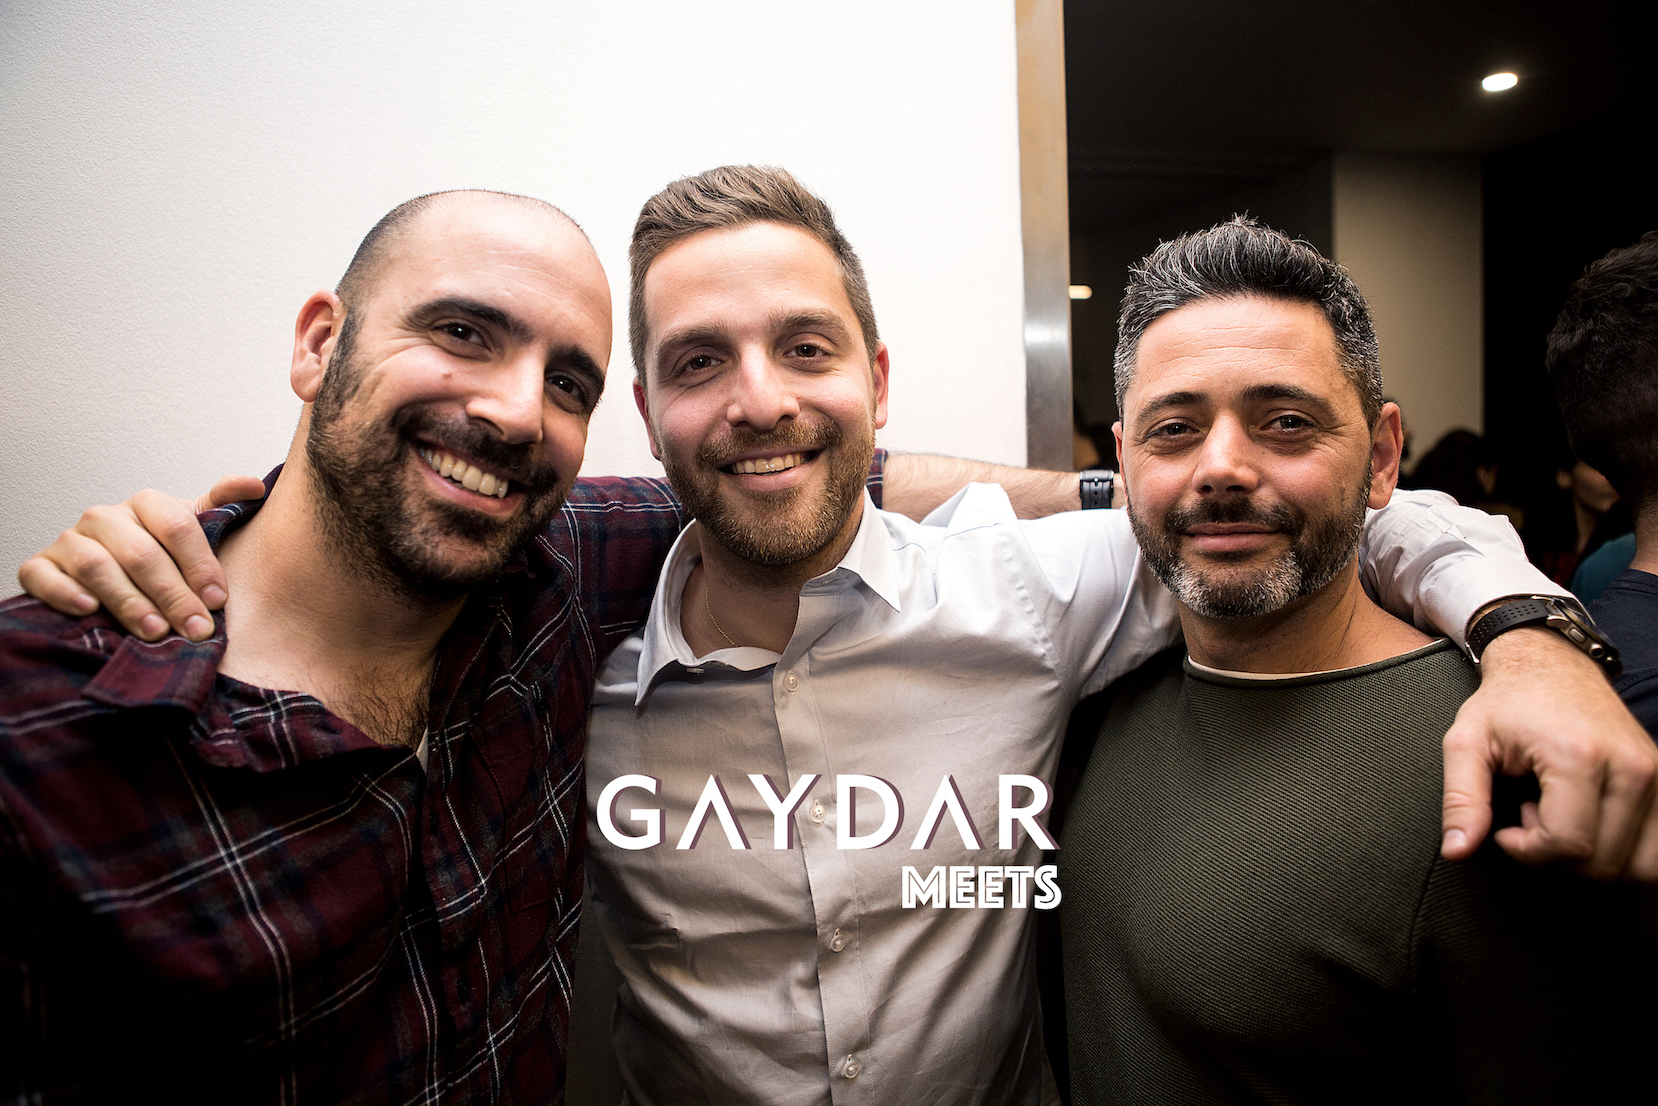 Define gaydar